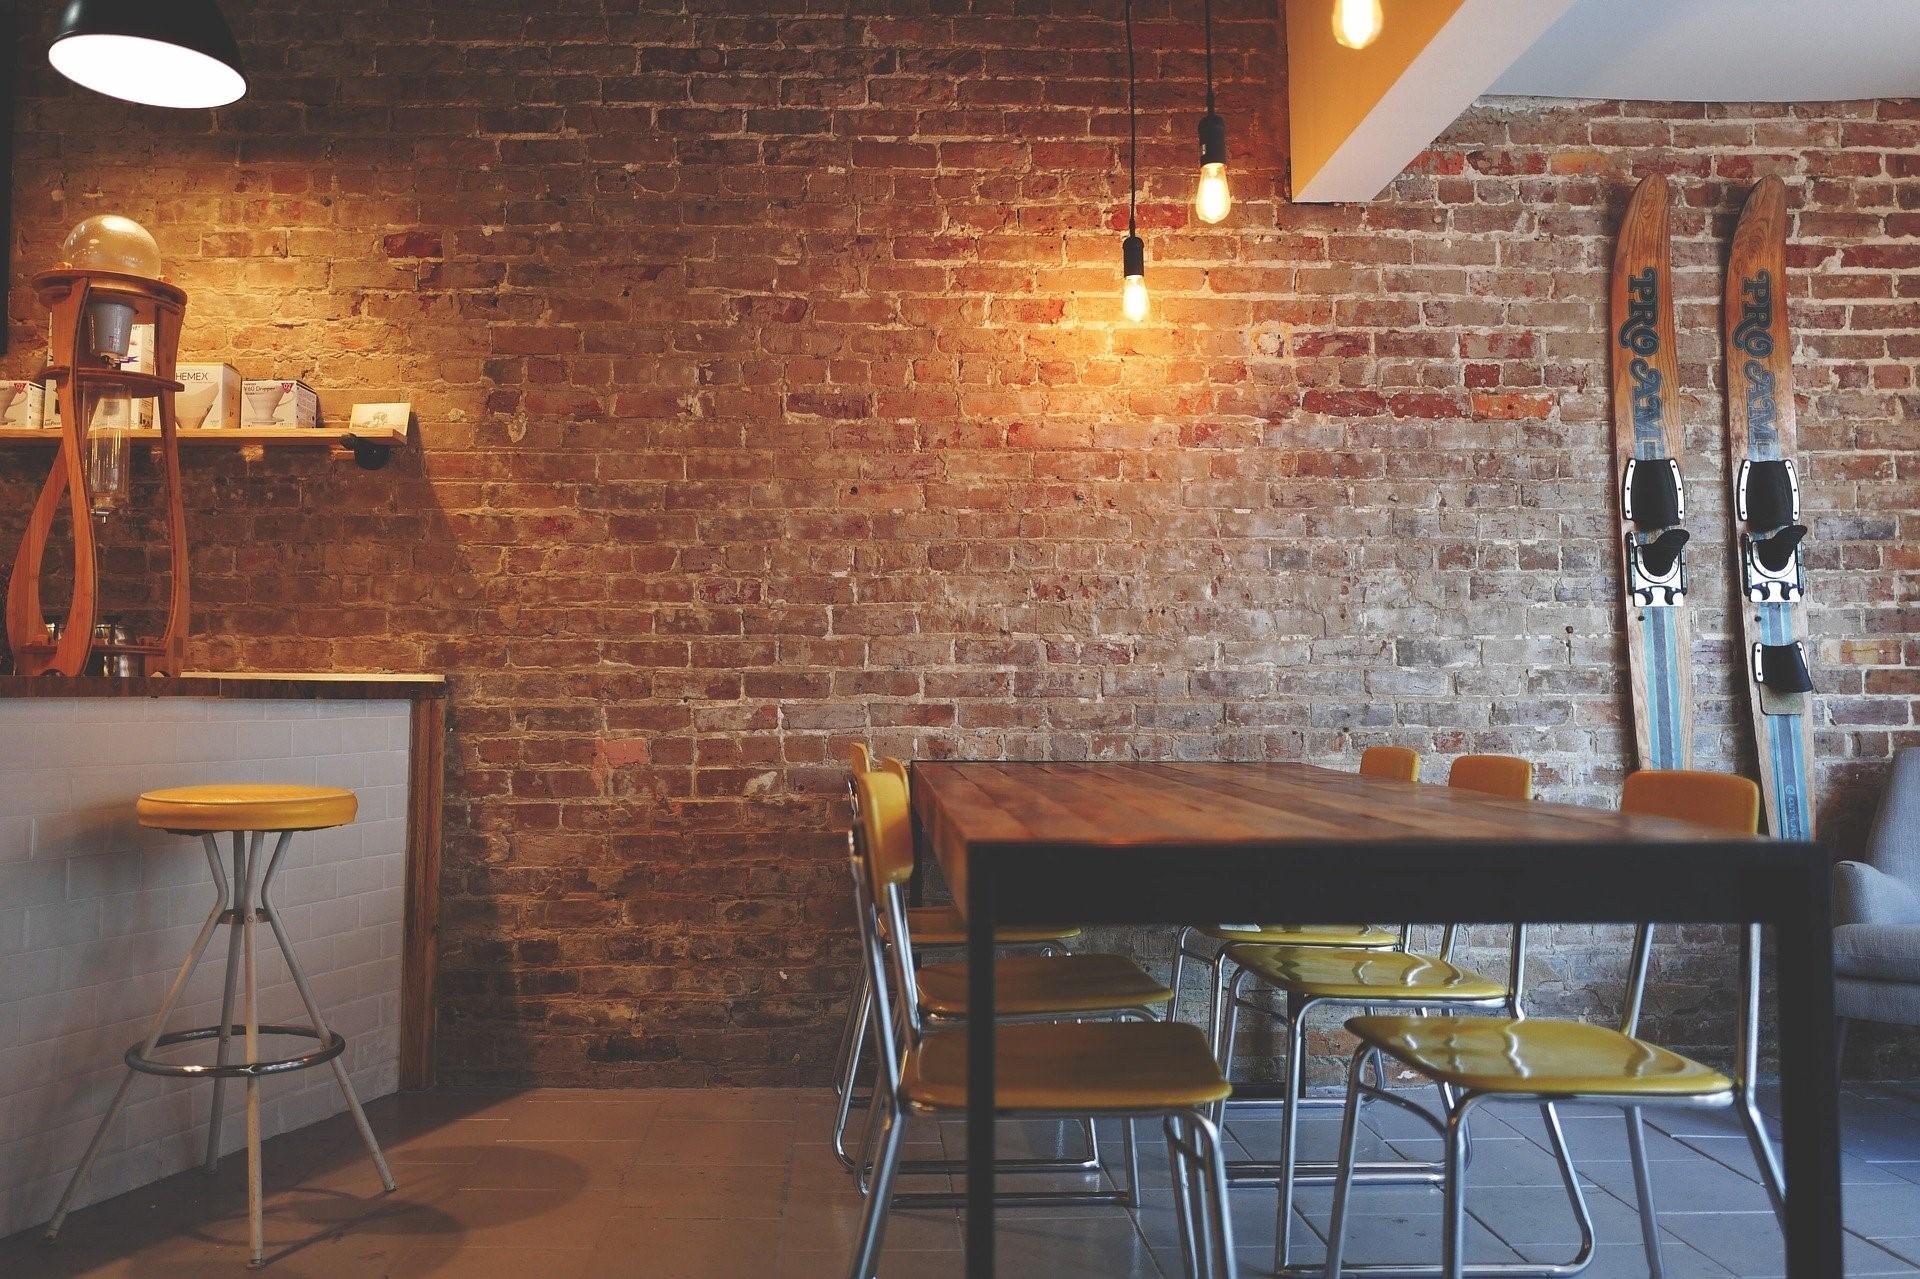 עיצוב פנים מסעדות ובתי קפה